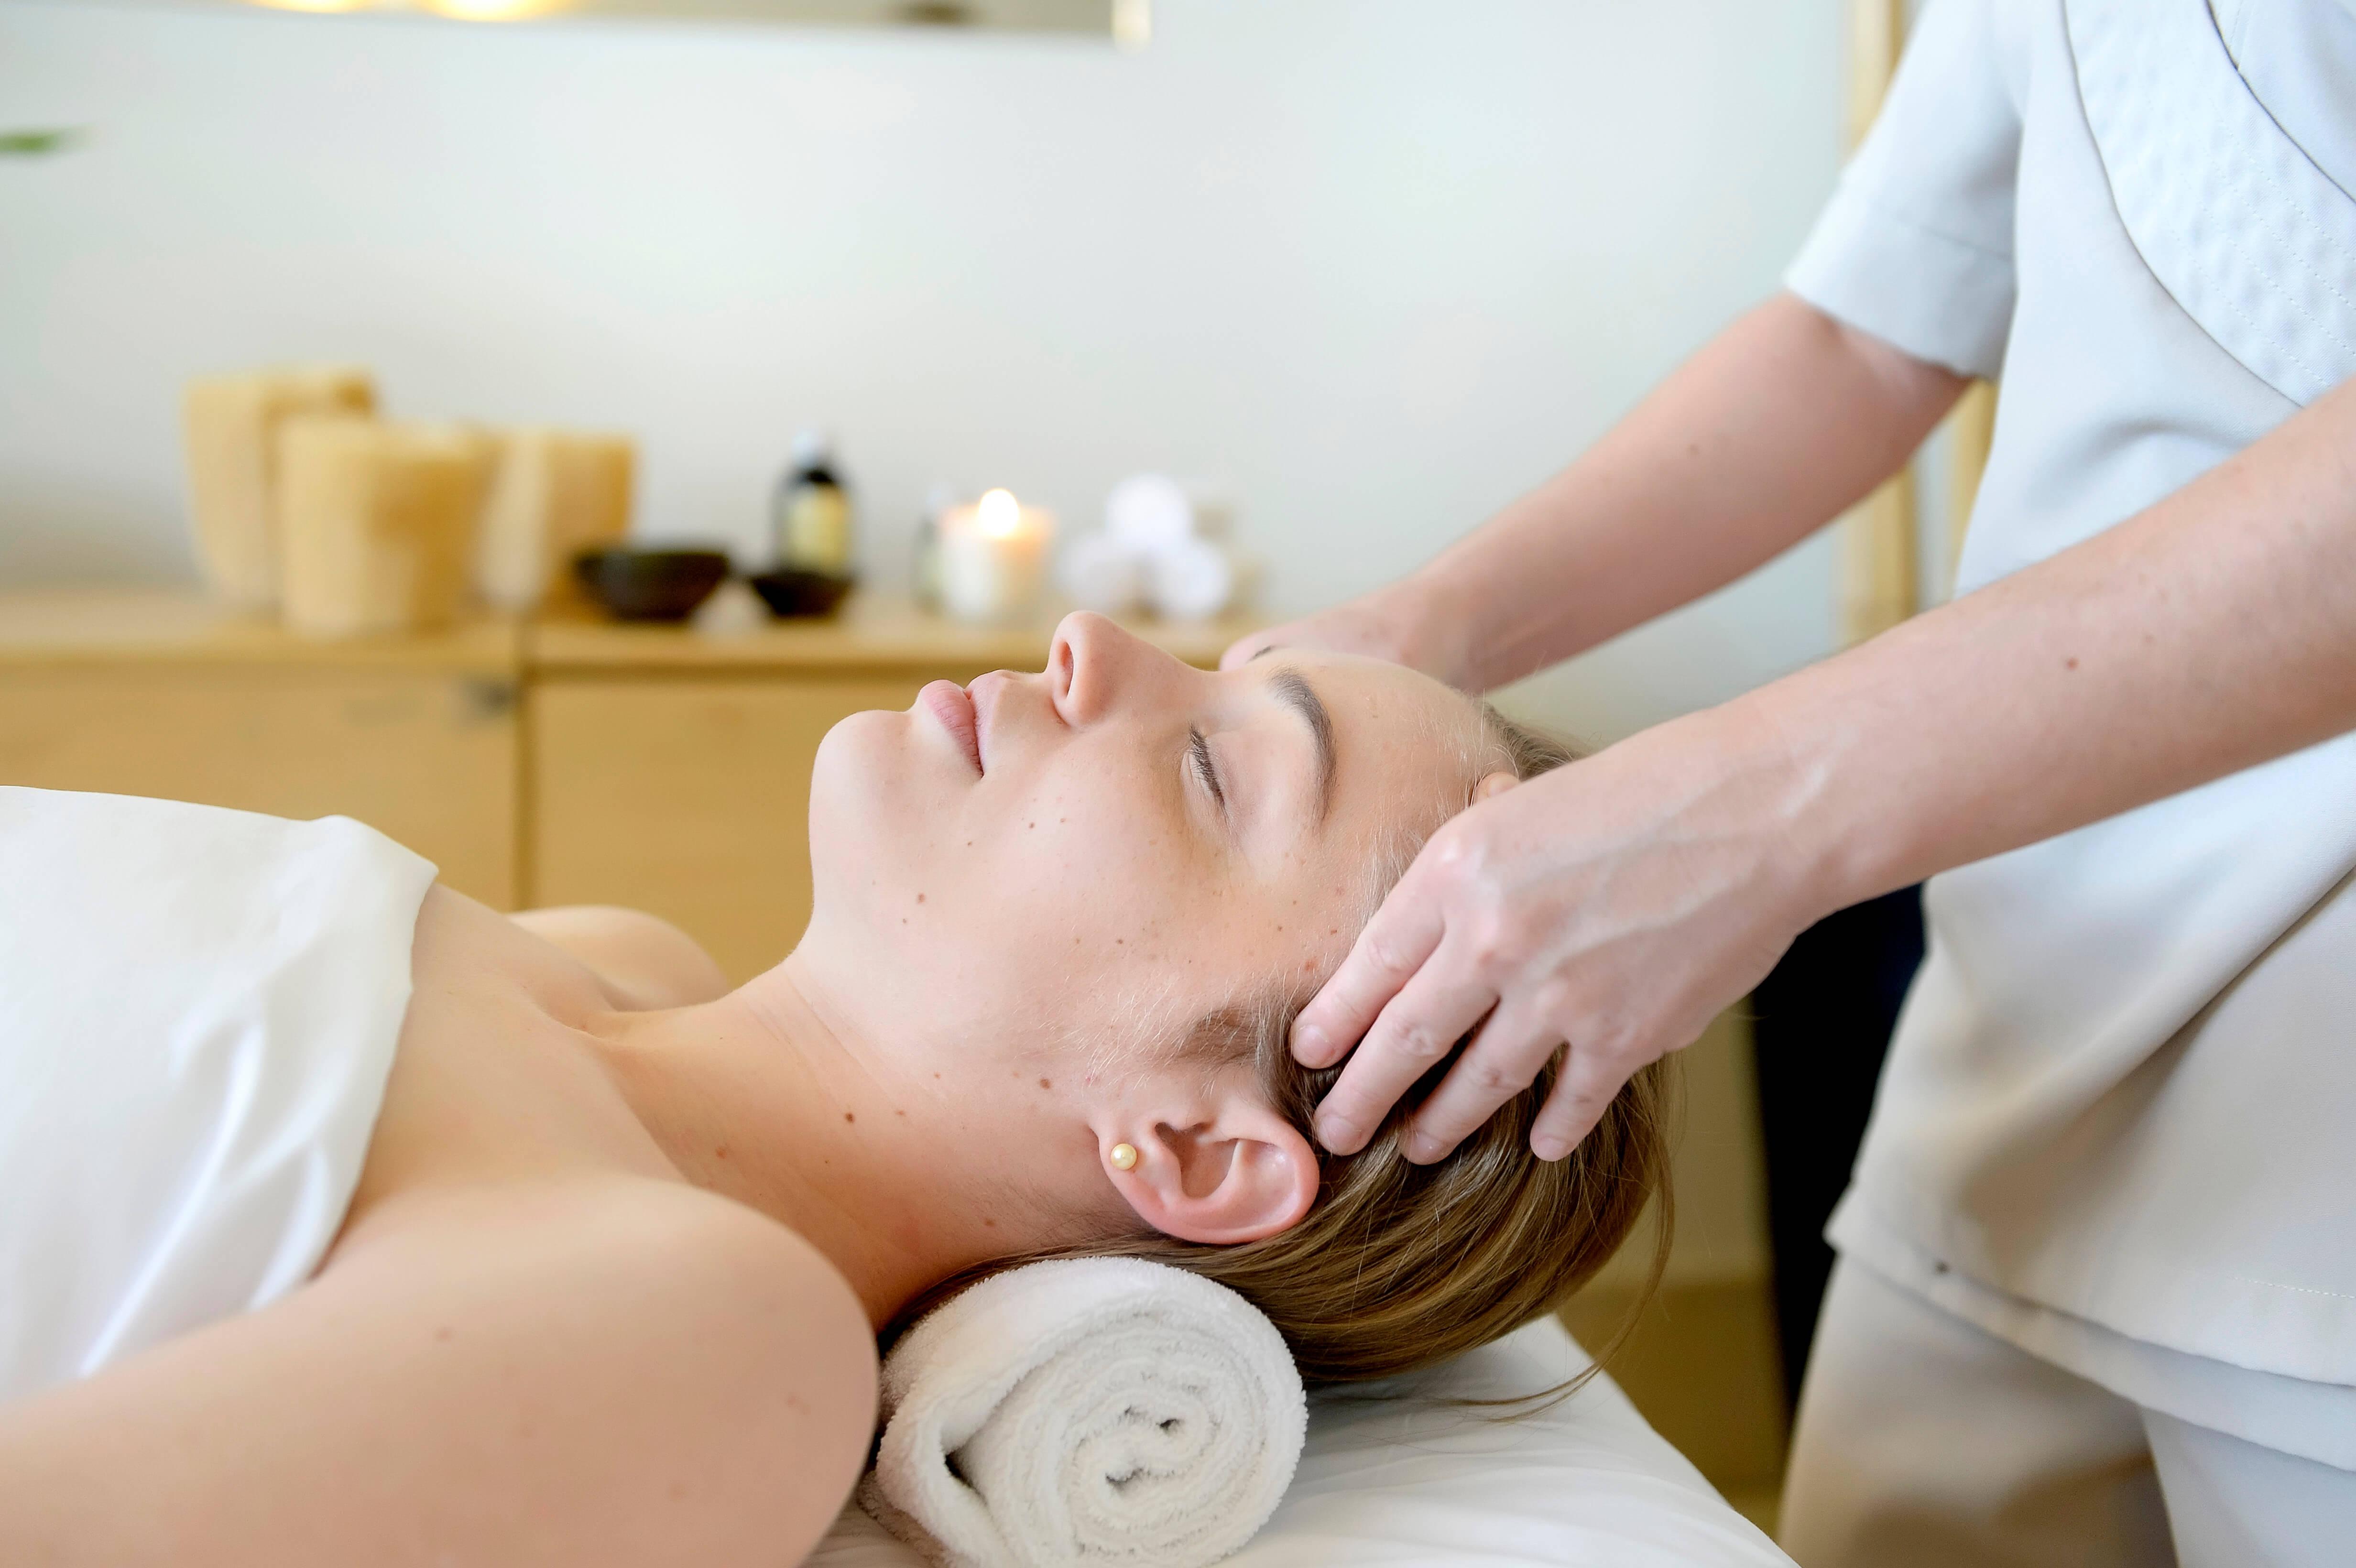 cliente sendo massageada na cabeça por uma profissional